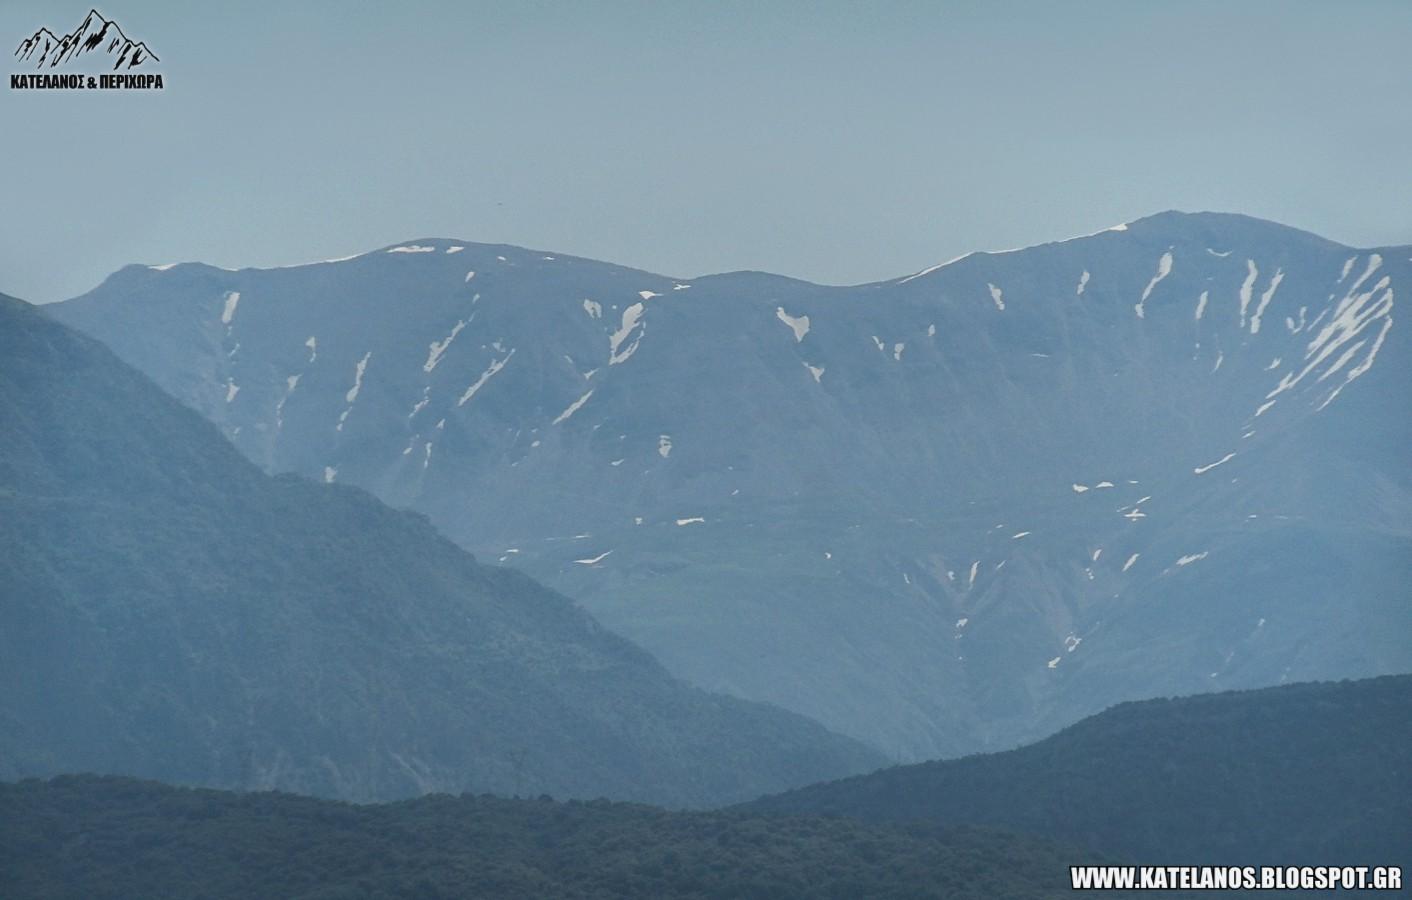 πικρόλακκος κακαρδιτσα κακγελια βουνα κορυφες πινδος χιονουρες